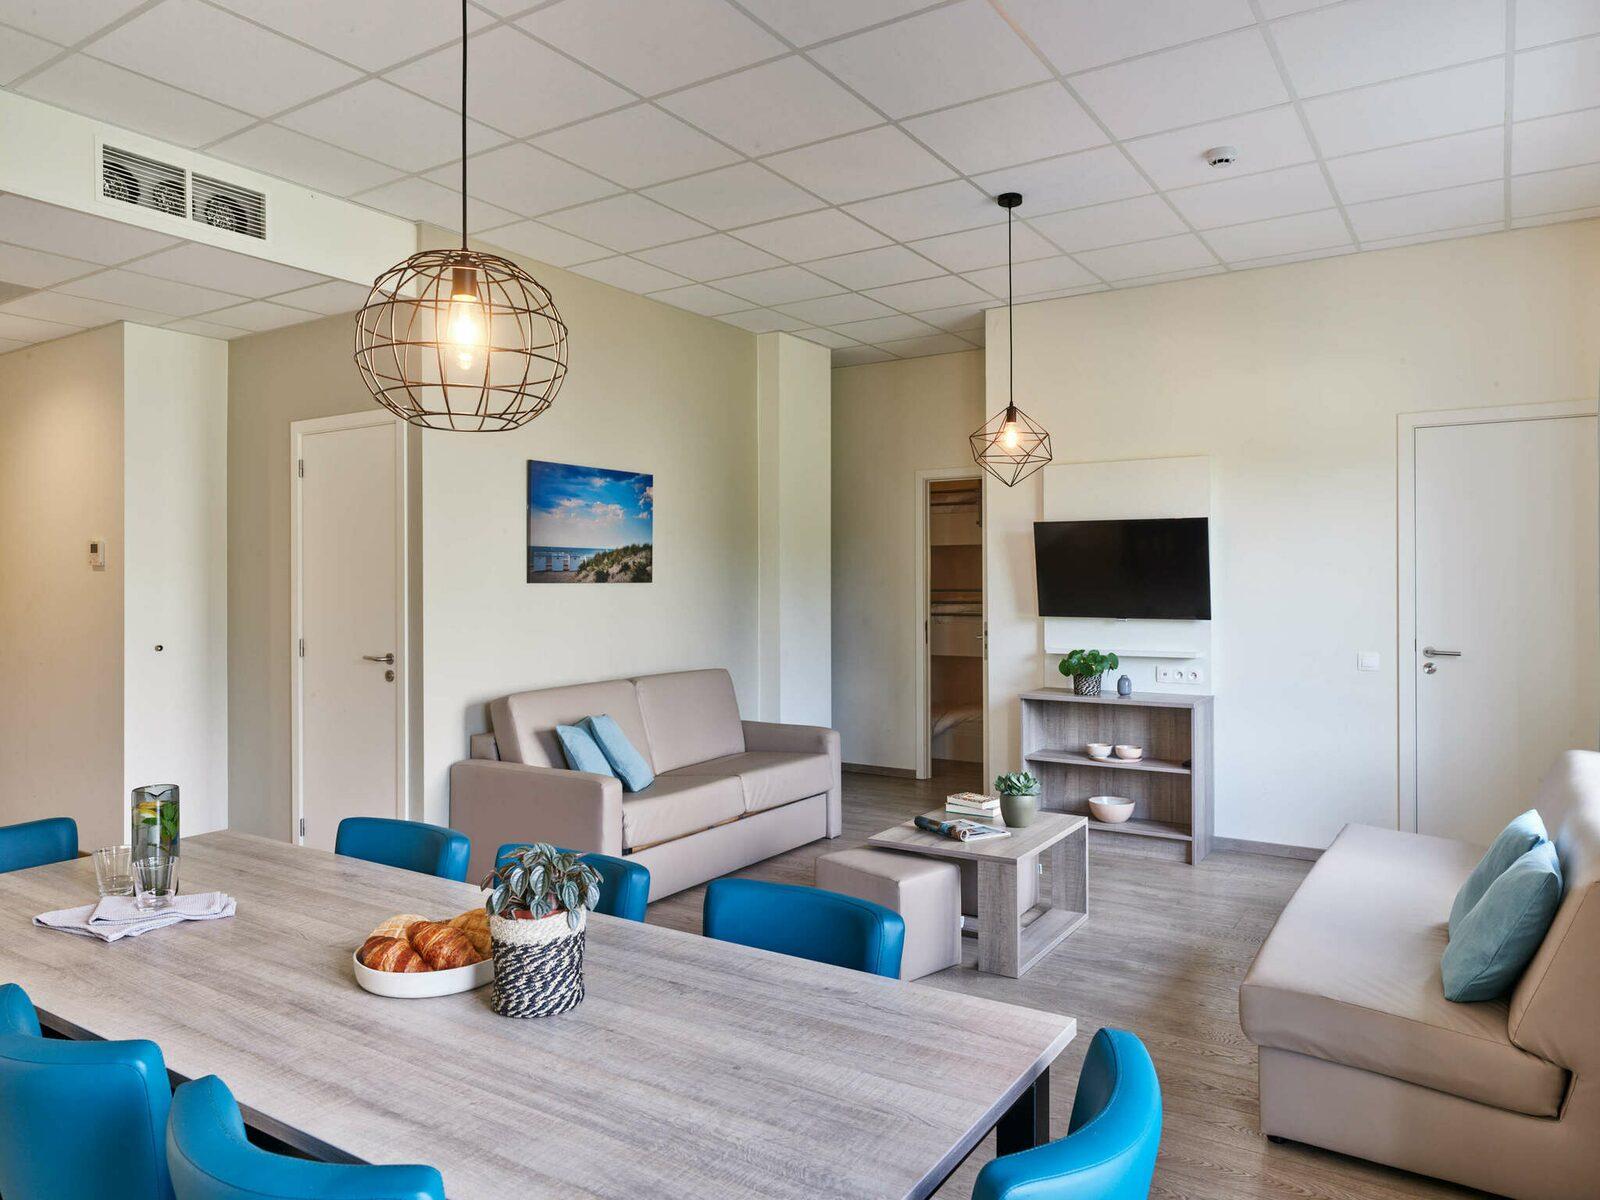 Comfort Suite - 7p | Slaapkamer - Slaaphoek - Zetelbed